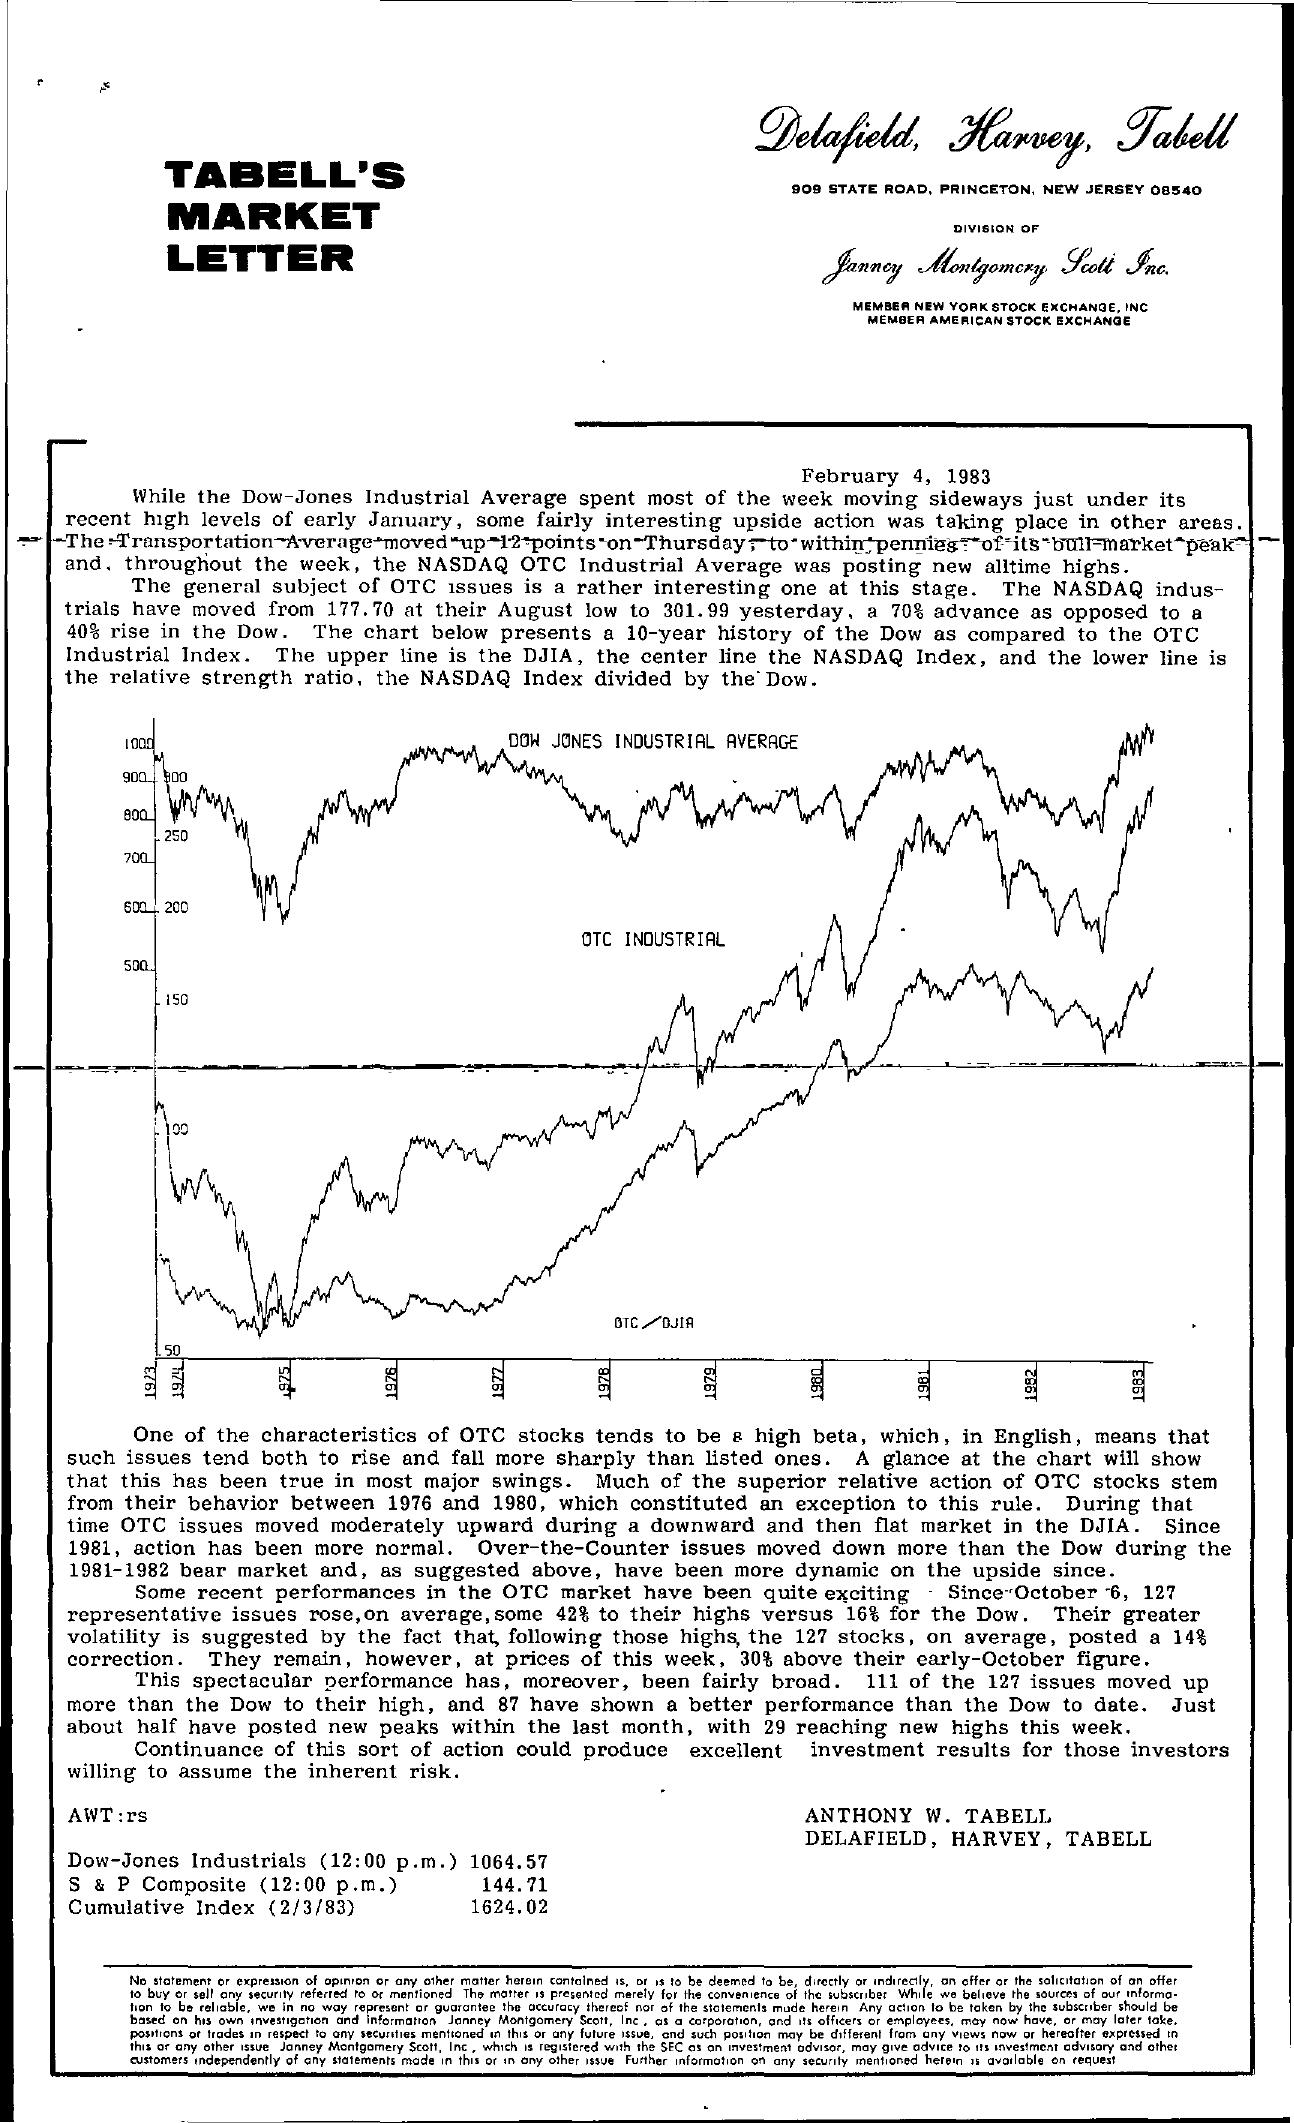 Tabell's Market Letter - February 04, 1983